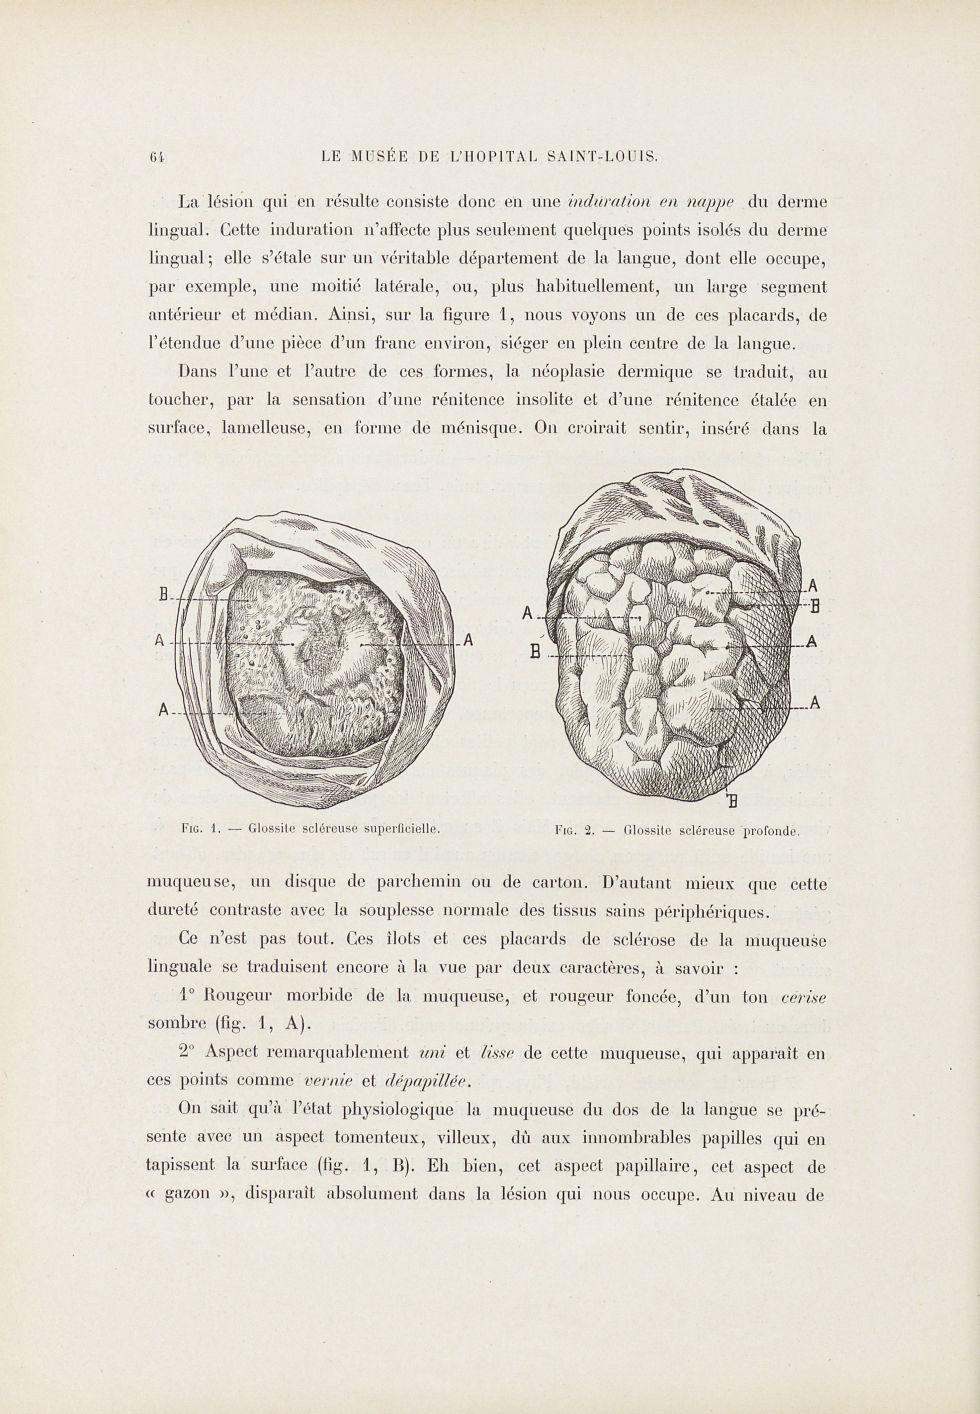 Fig. 1. Glossite scléreuse superficielle / Fig. 2. Glossite scléreuse profonde [Syphilis linguale] - [...] - Dermatologie (peau). Syphilis (maladies infectieuses). Maladies sexuellement transmissibles. Langues (bouches). 19e siècle (France) - med01740x0080